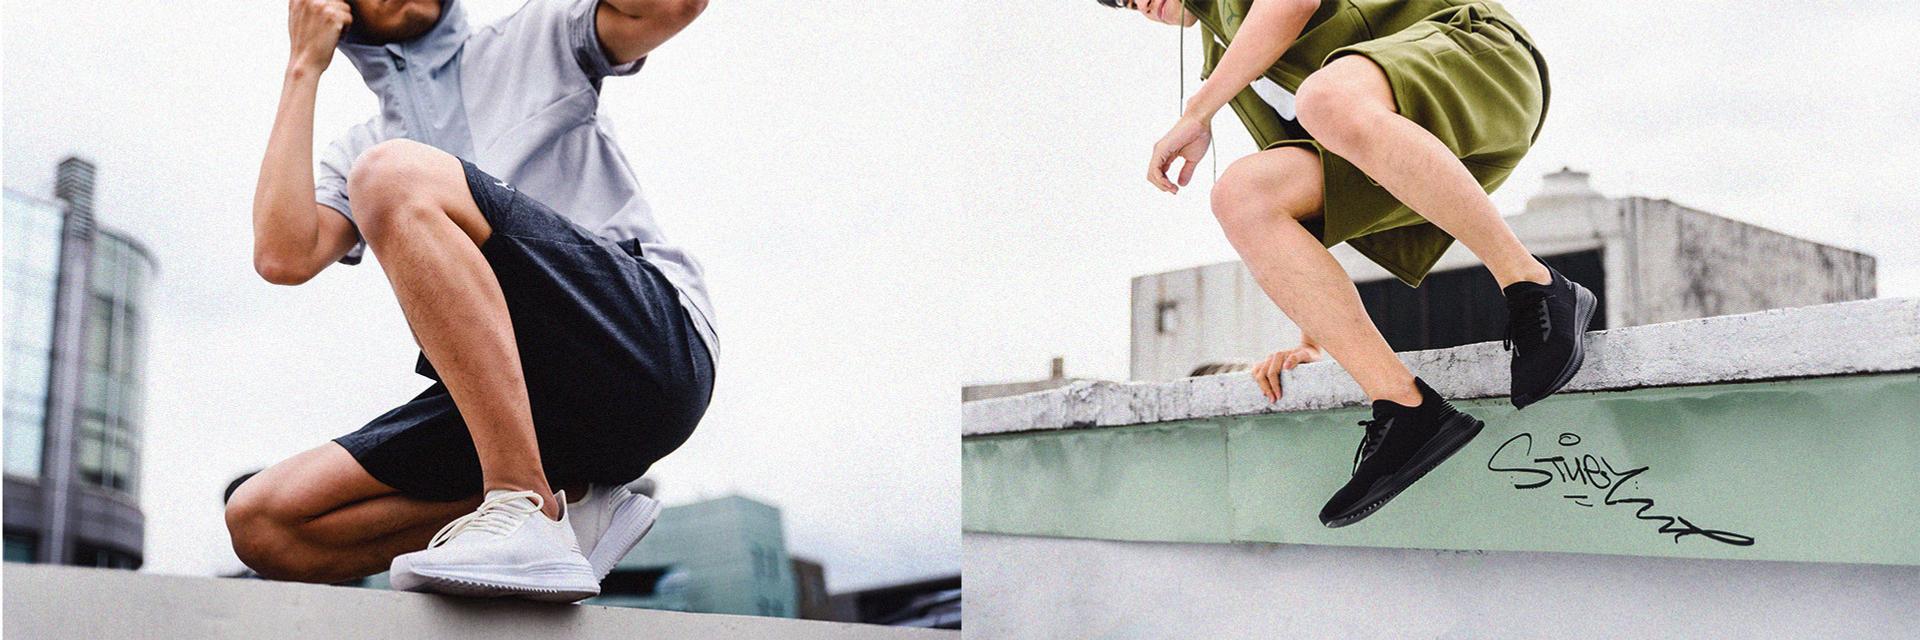 彷彿棲息於都市的黑豹!PUMA AVID evoKNIT 讓你知道什麼是 Highstreet「武士鞋」